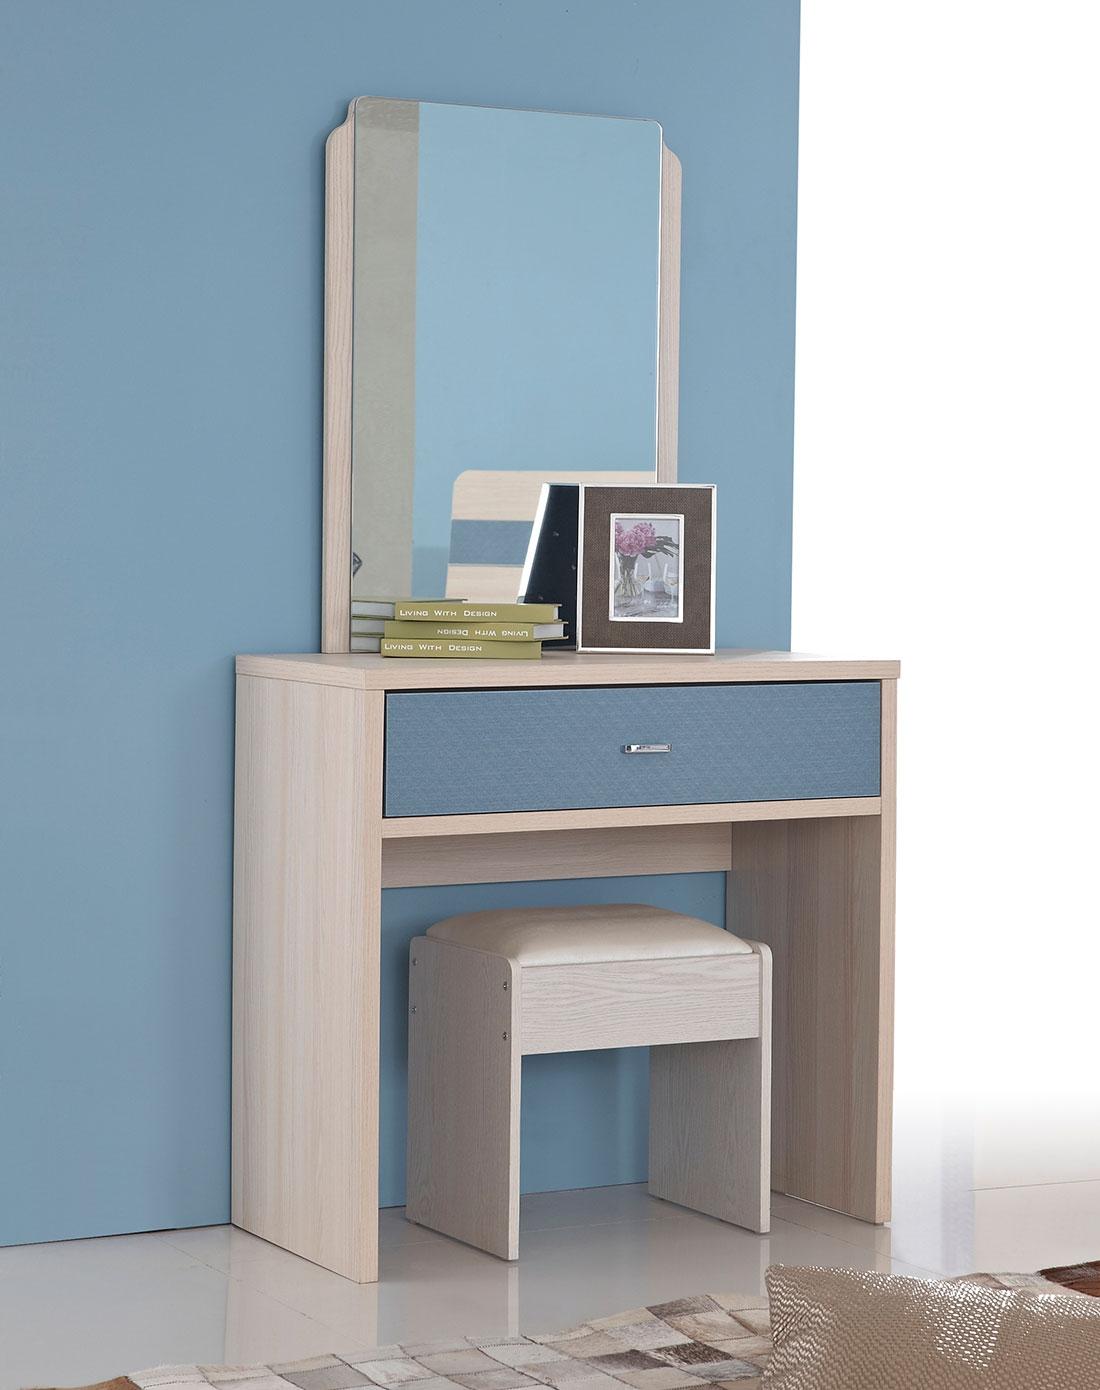 双虎家私 简约现代梳妆台/化妆桌凳 小户型梳妆柜 卧室家具13s201